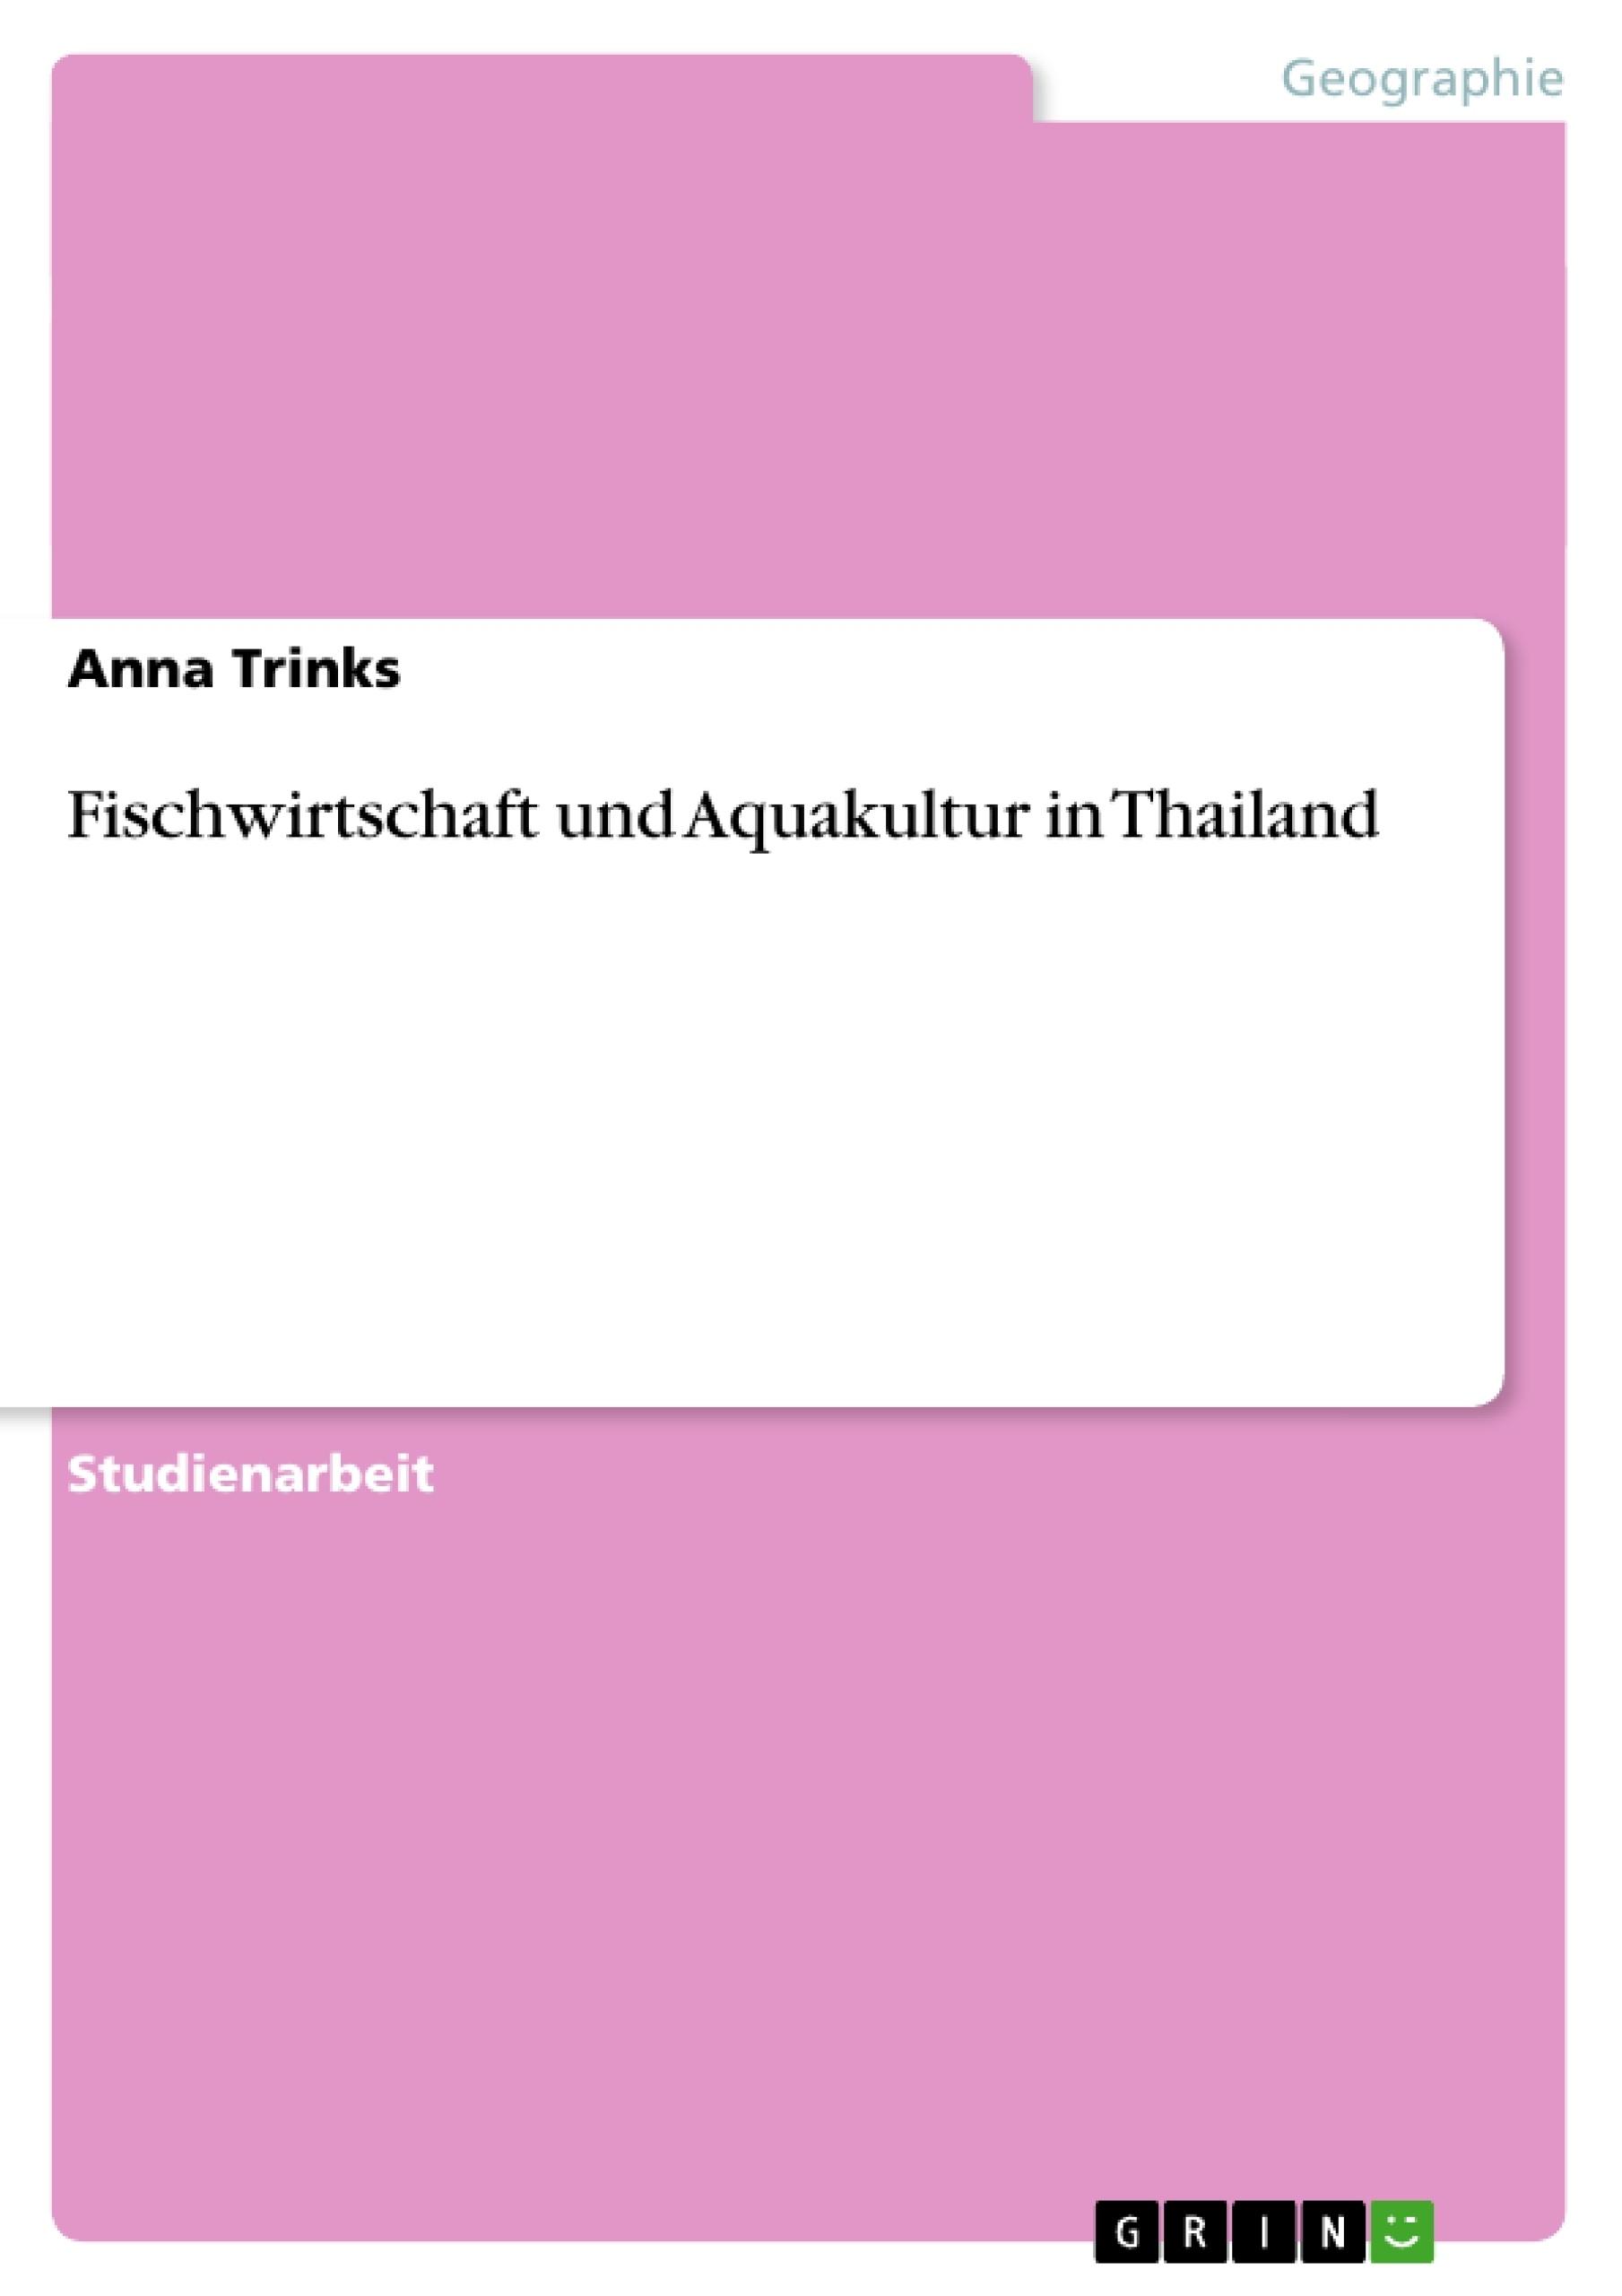 Titel: Fischwirtschaft und Aquakultur in Thailand